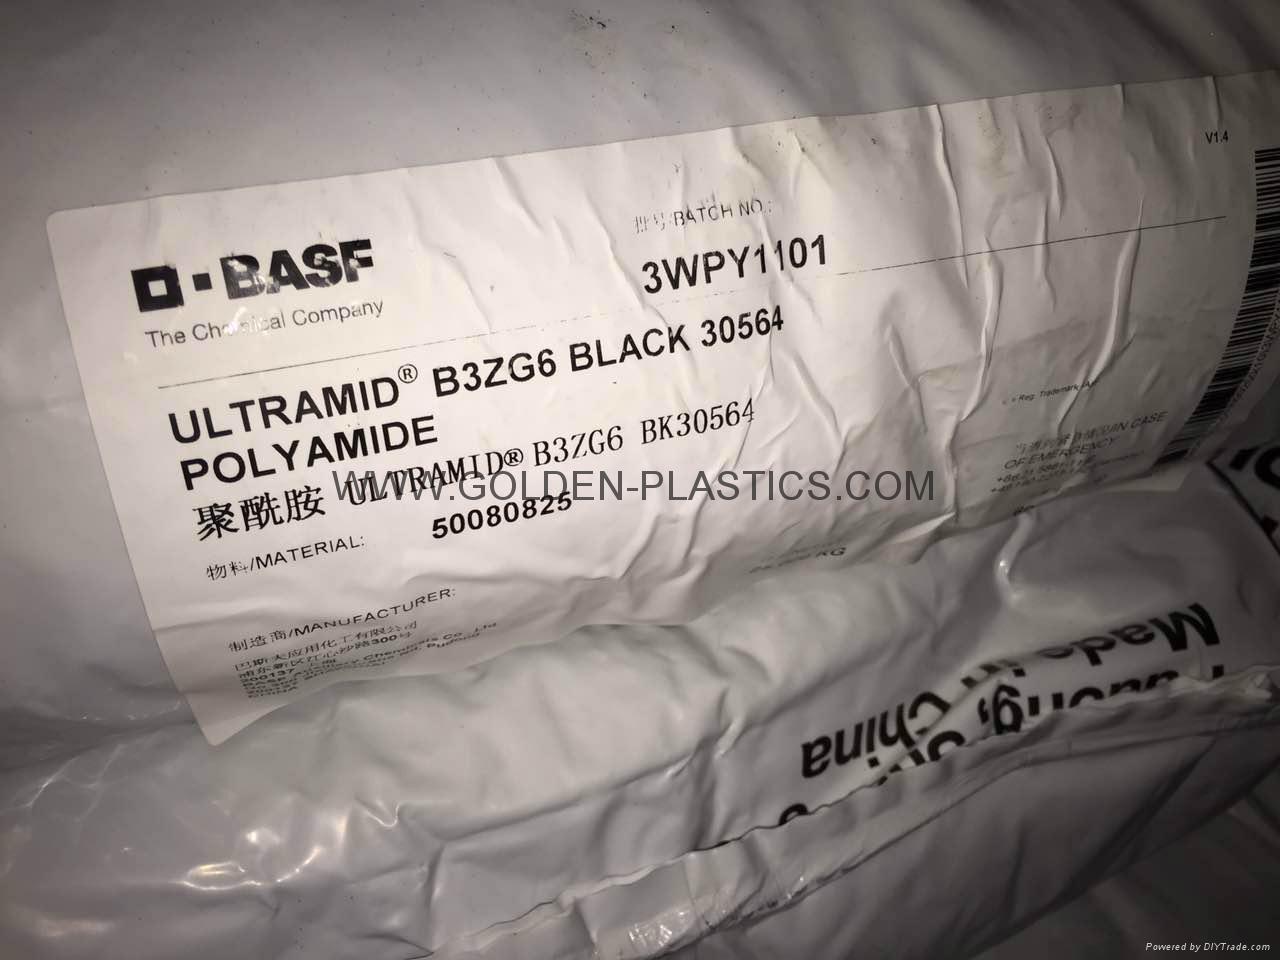 ULTRAMID B3ZG6 BLACK 30564